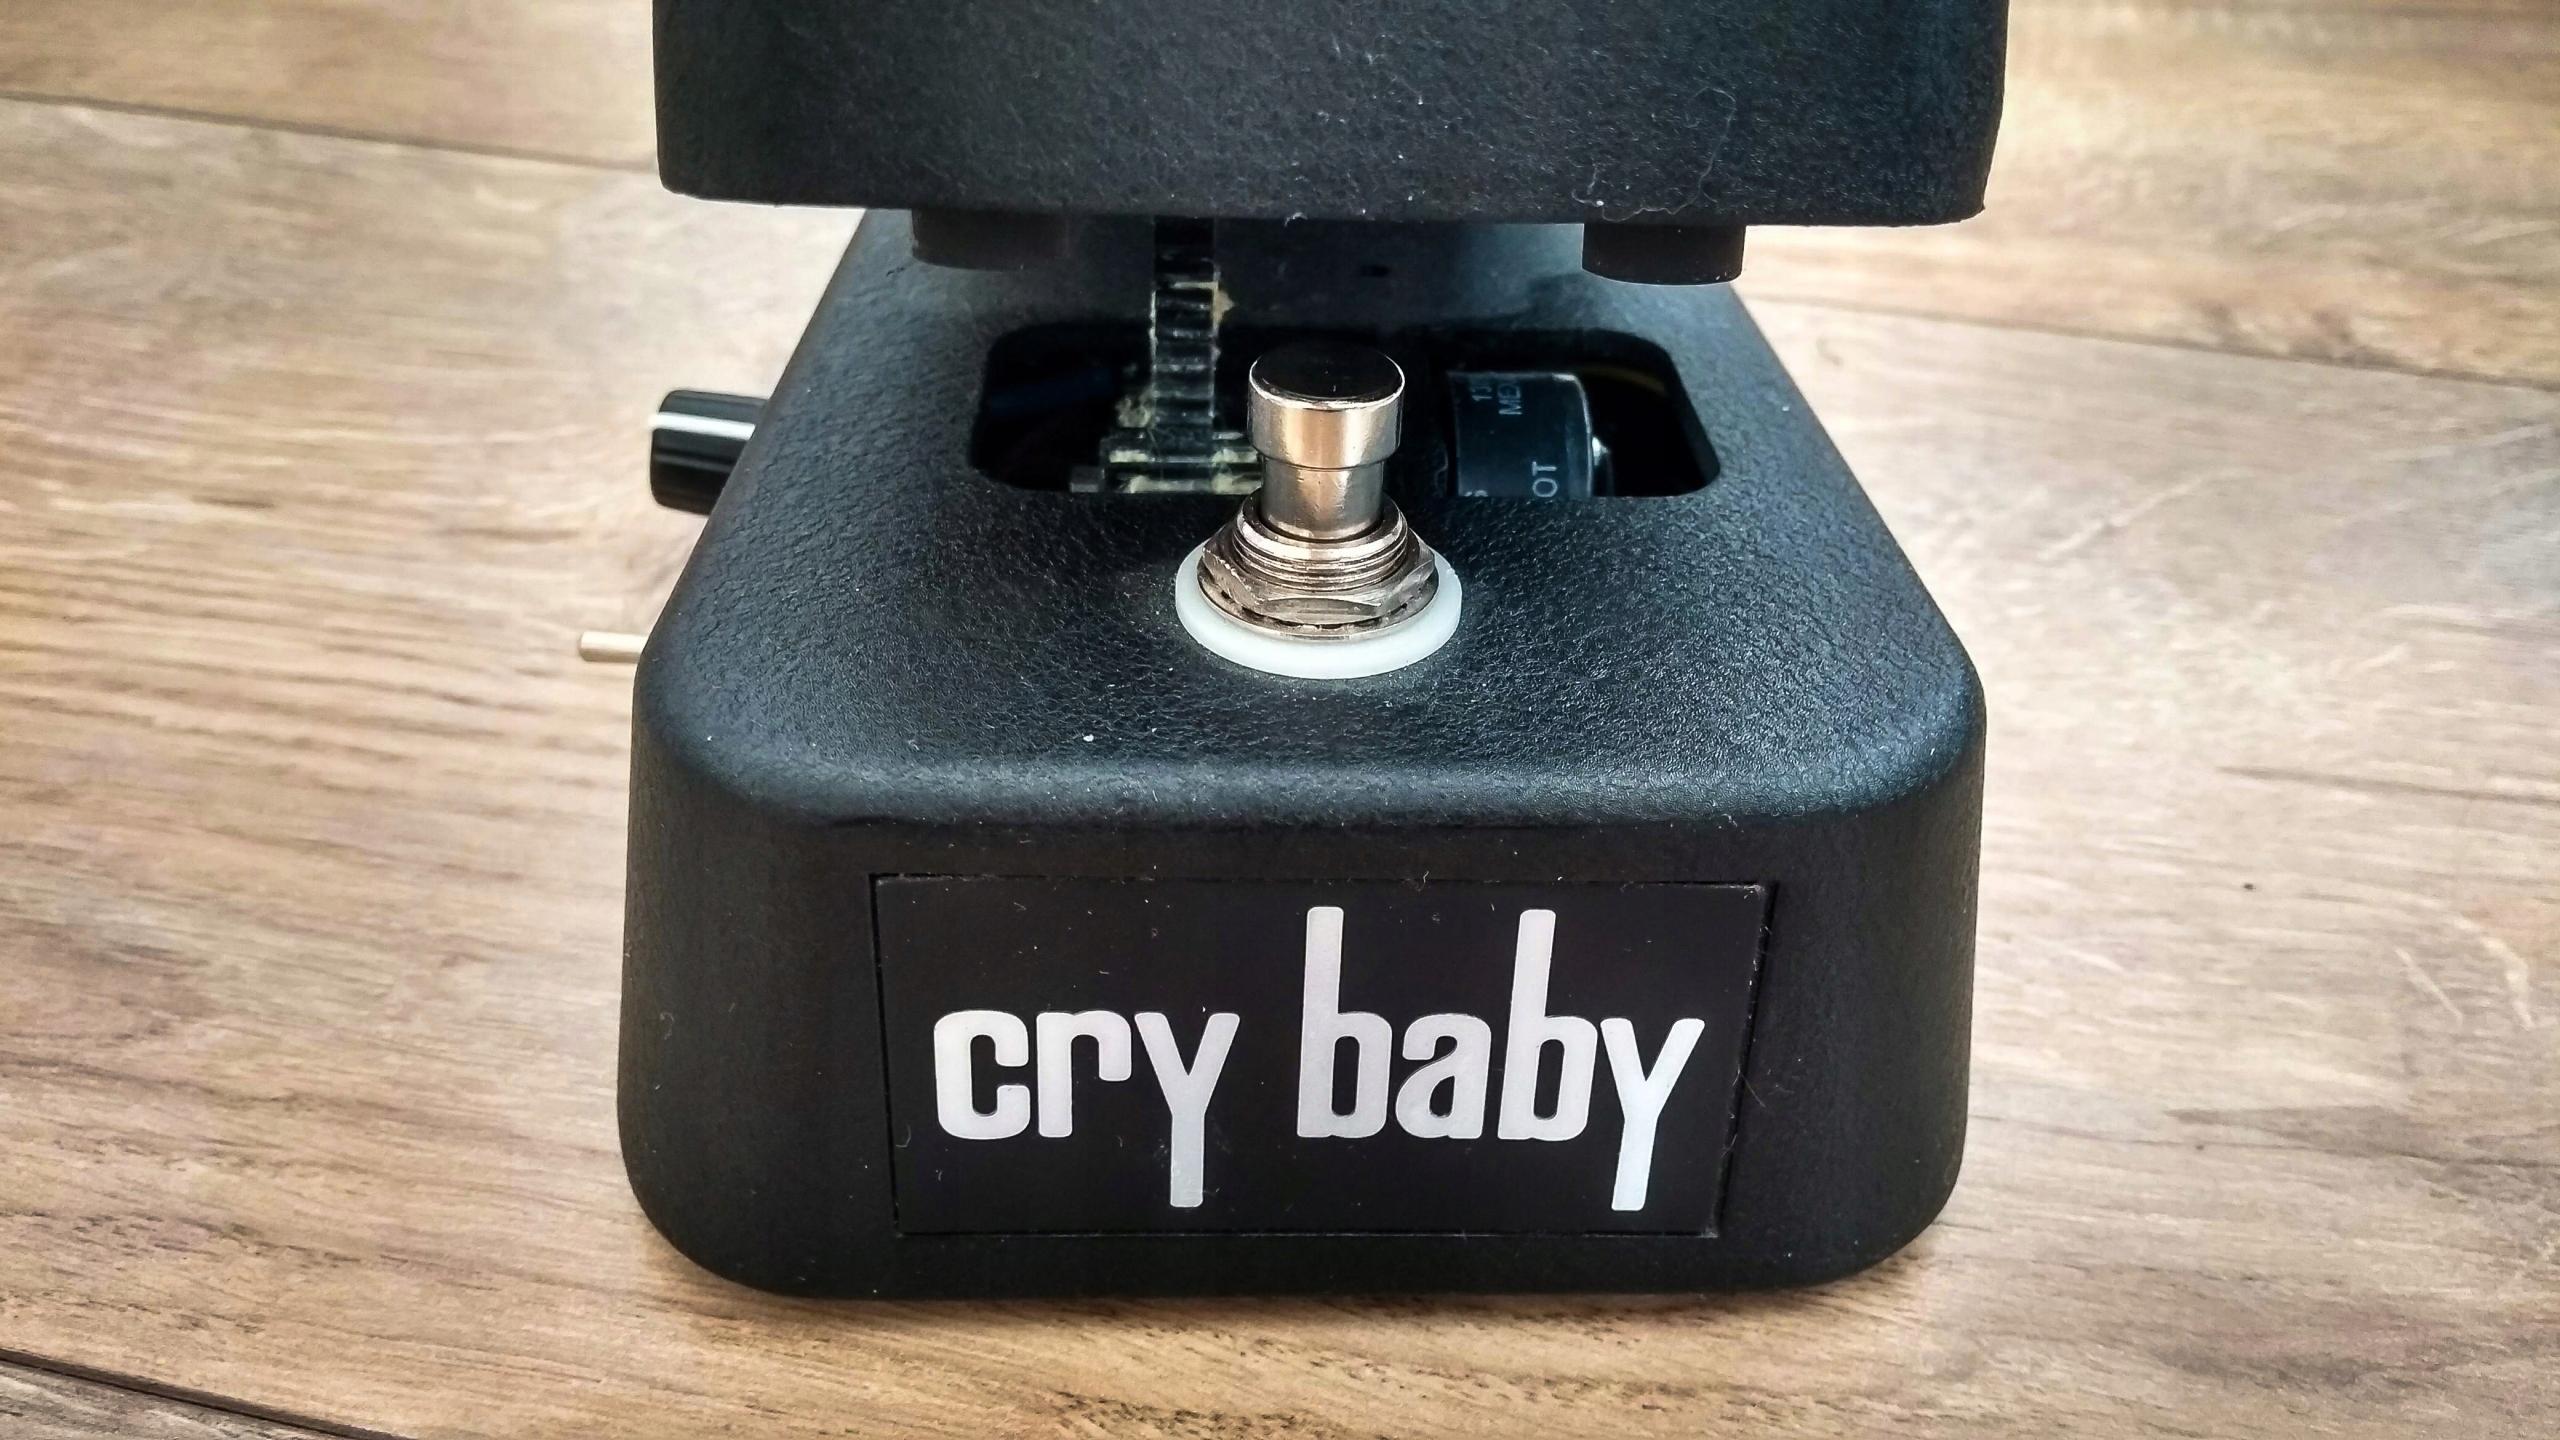 Dunlop CryBaby GCB95   Mod Q pot, True Bypass, LED